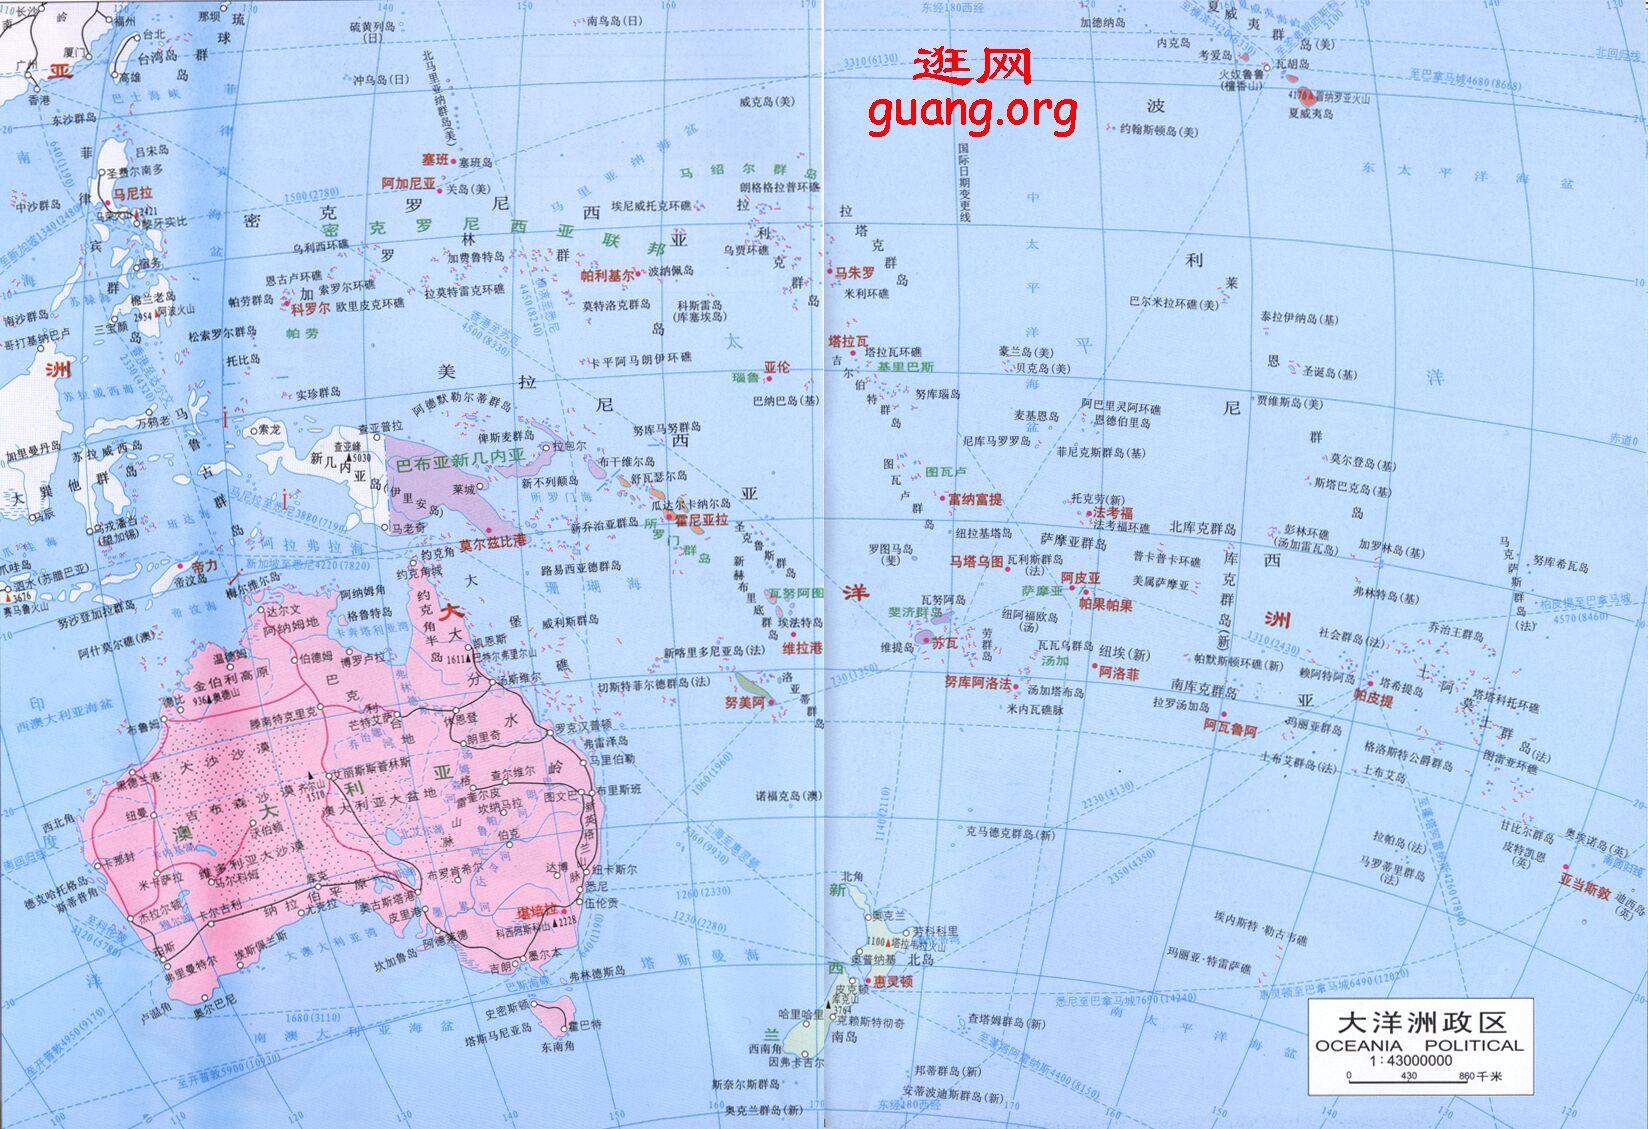 大洋洲地图查询 大洋洲地图下载 骑行圈